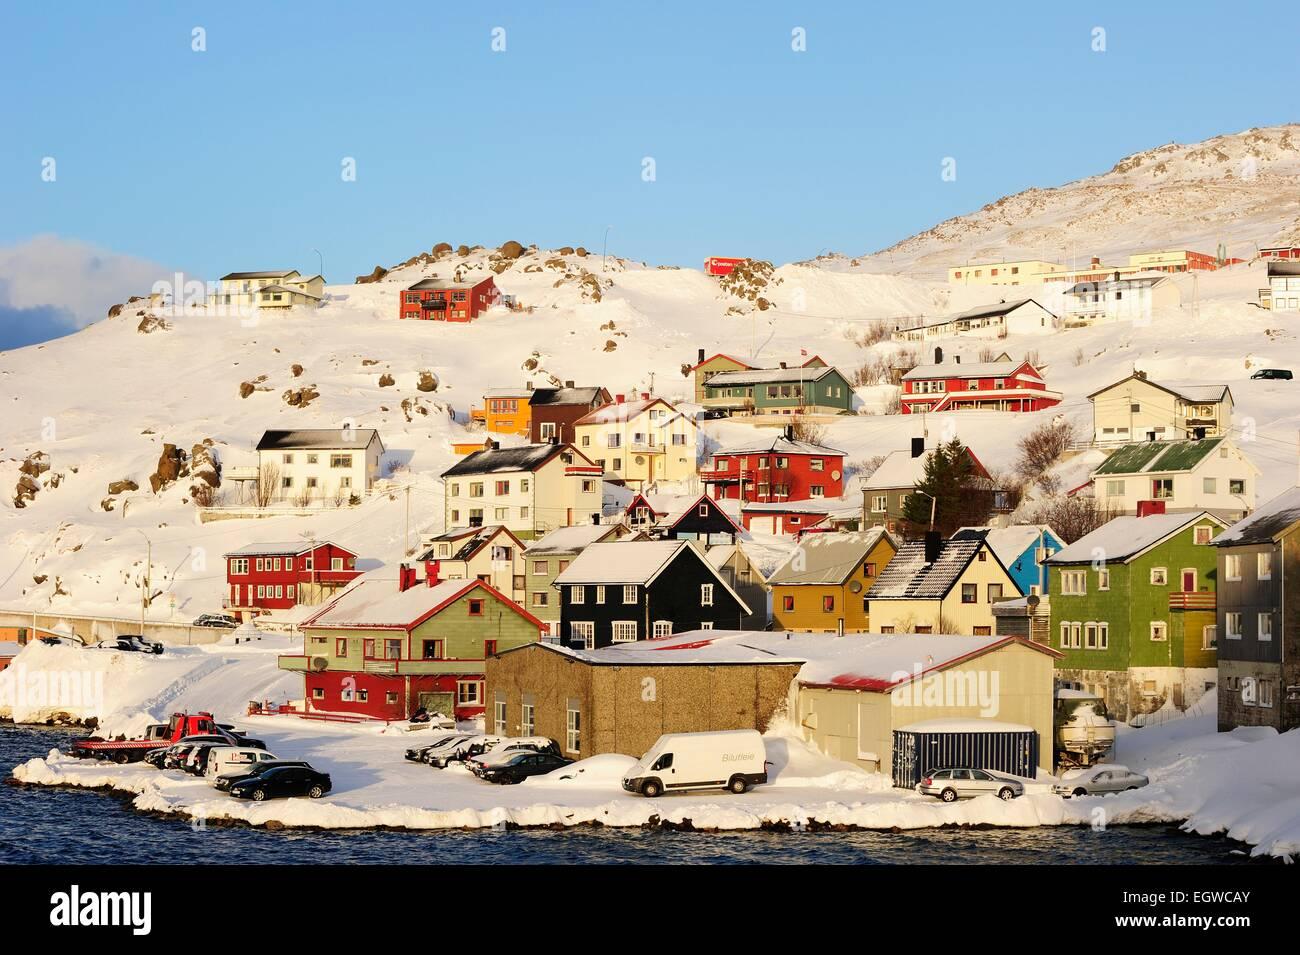 Snowy settlement, Honningsvåg, Magerøya, Nordkapp, Finnmark County, Norway - Stock Image